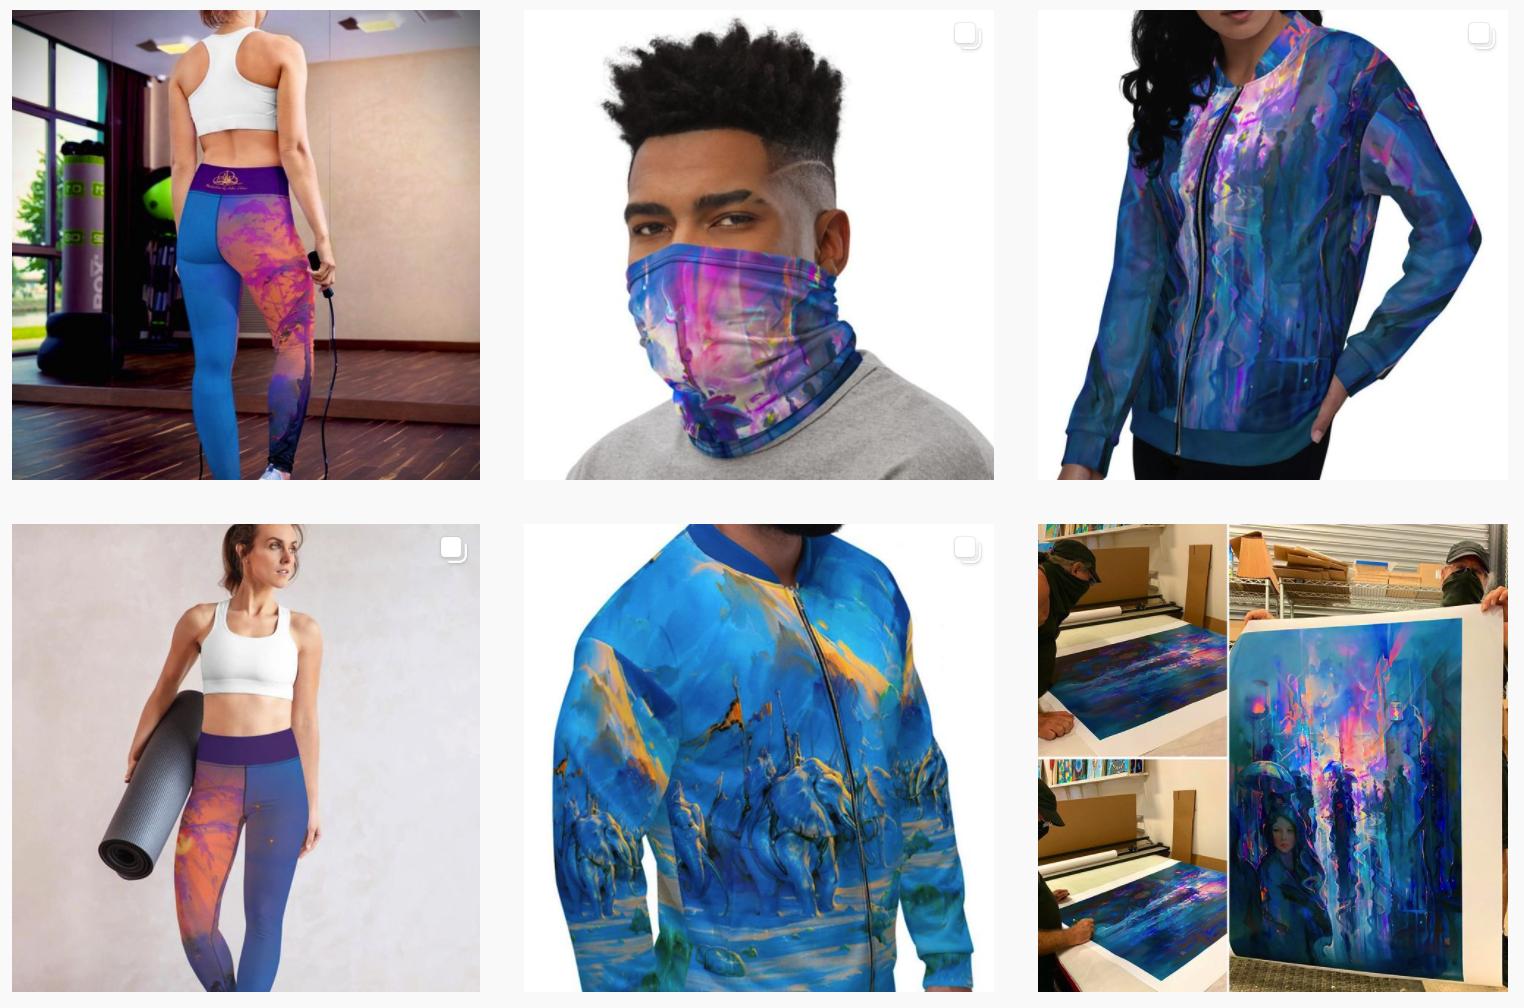 John Pitre Art | Commission Opps for Influencers